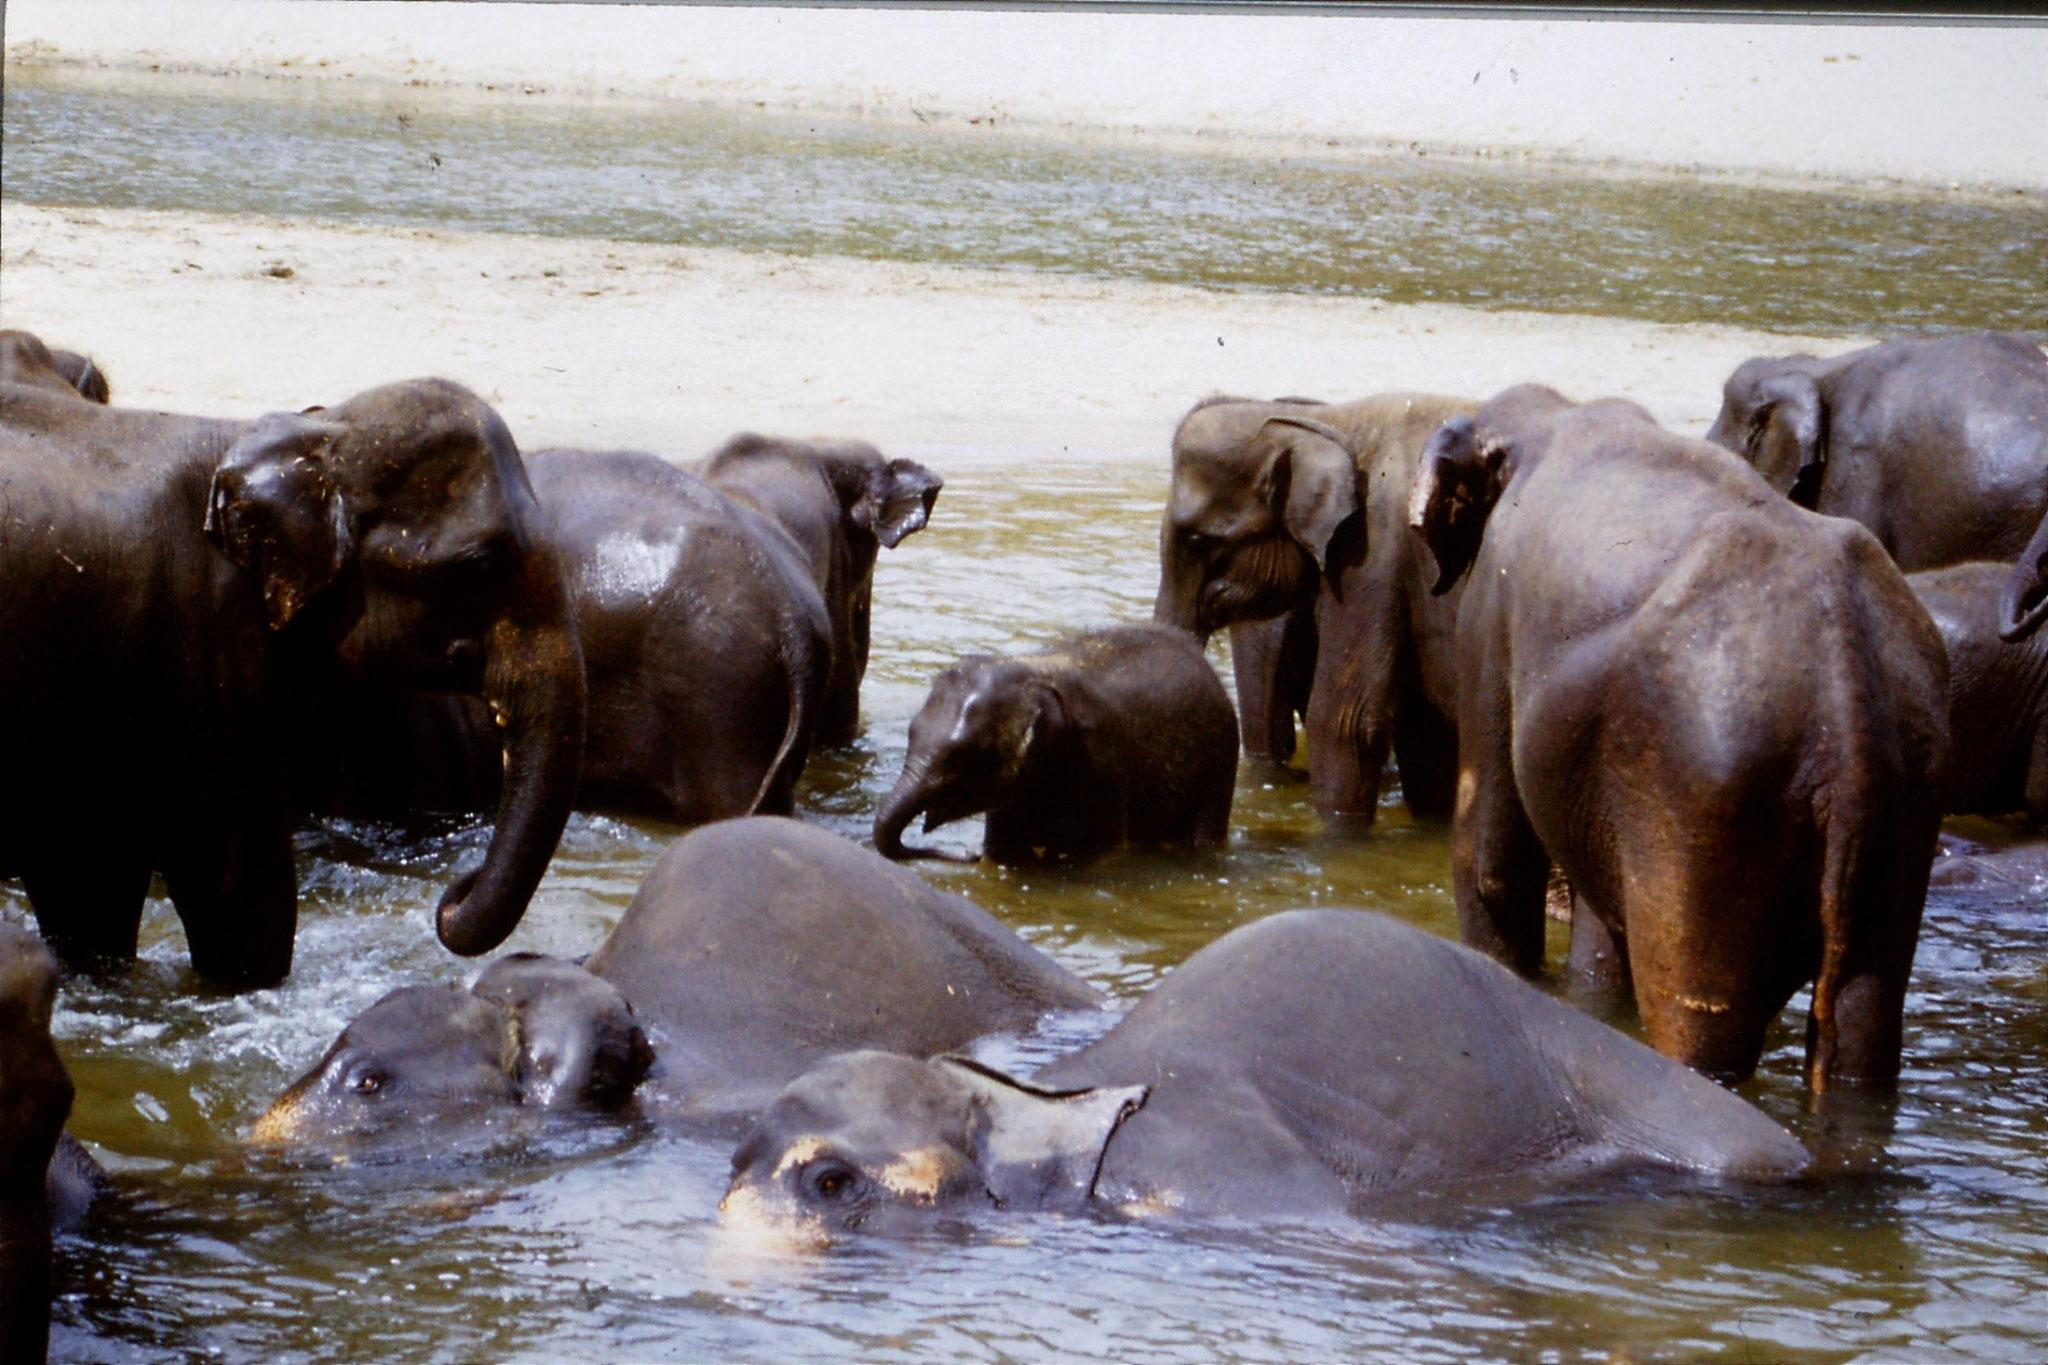 103/13: 10/2/1990 Kegalla elephany orphanage